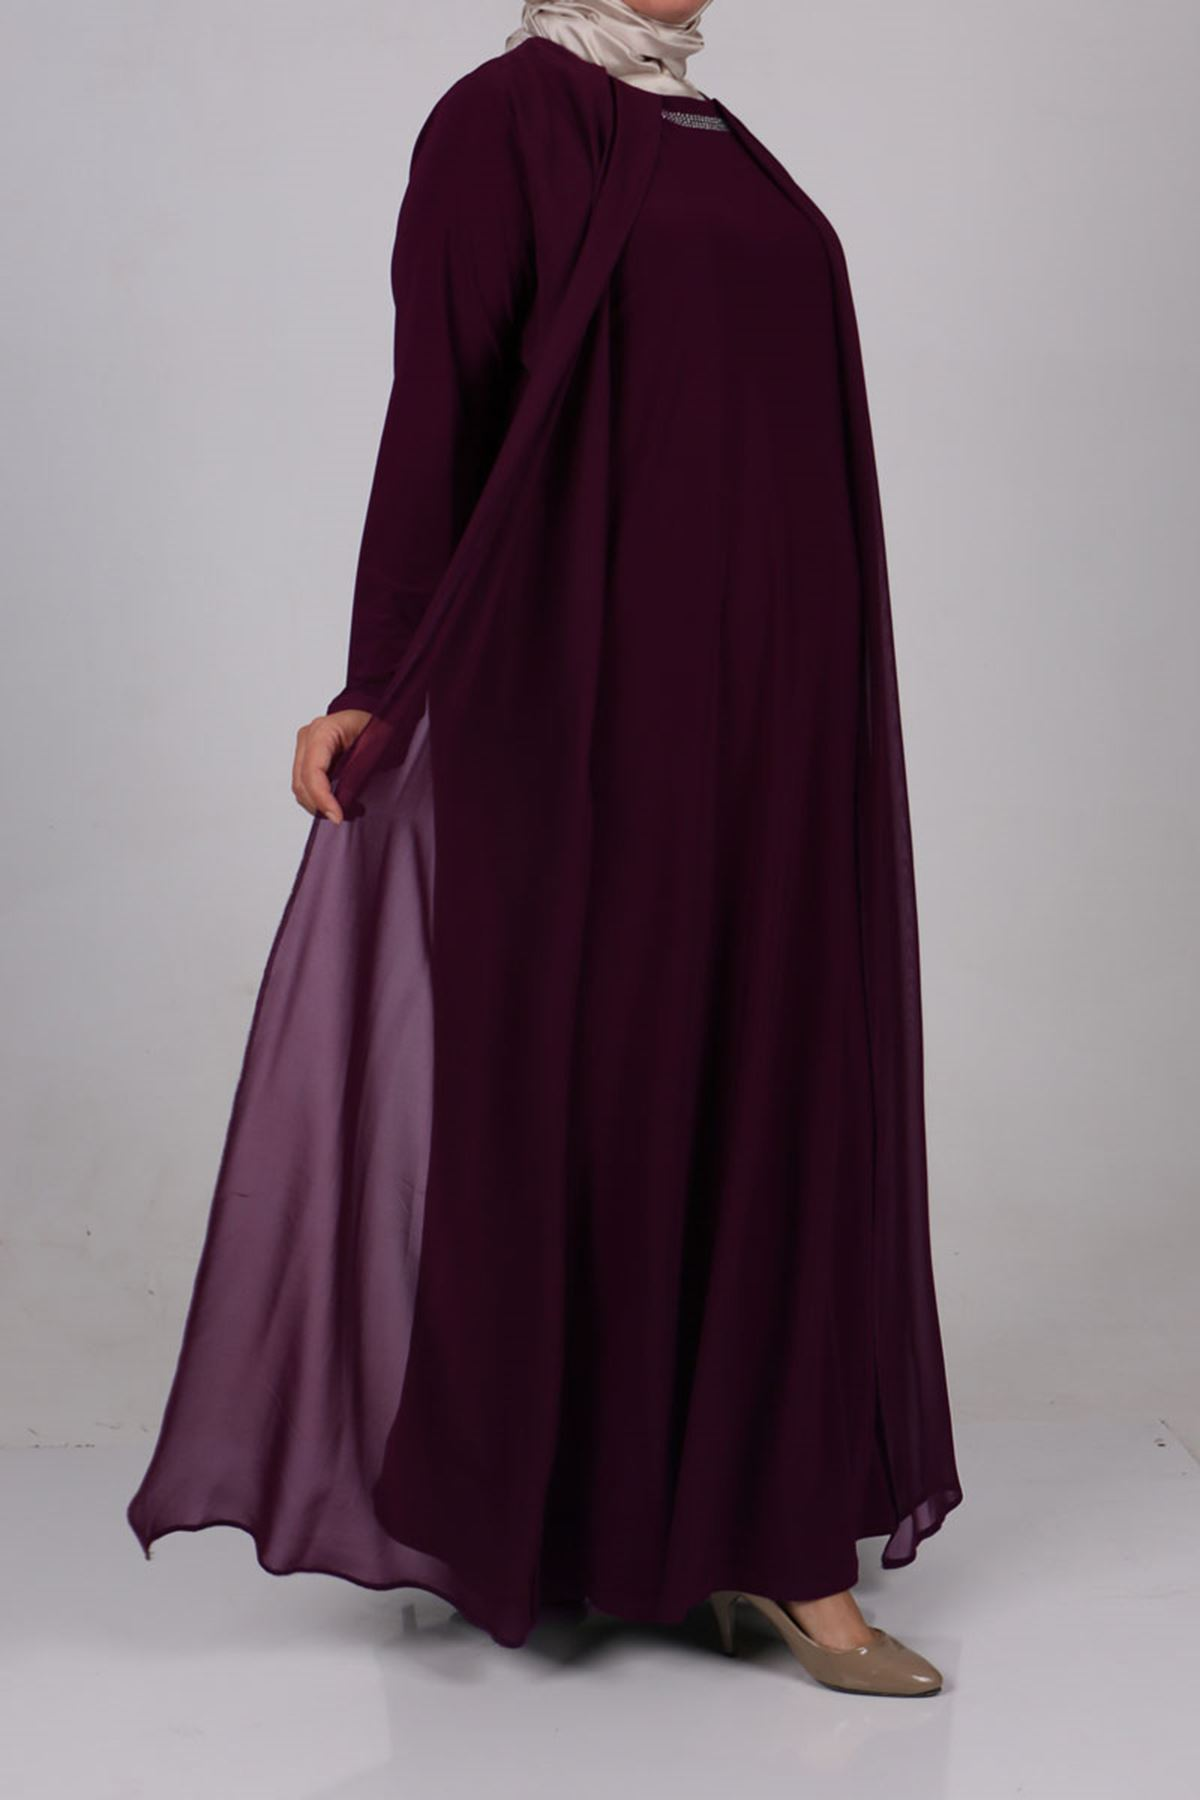 2097 Büyük Beden Sandy-Şifon Taş Baskılı Elbise - Mürdüm